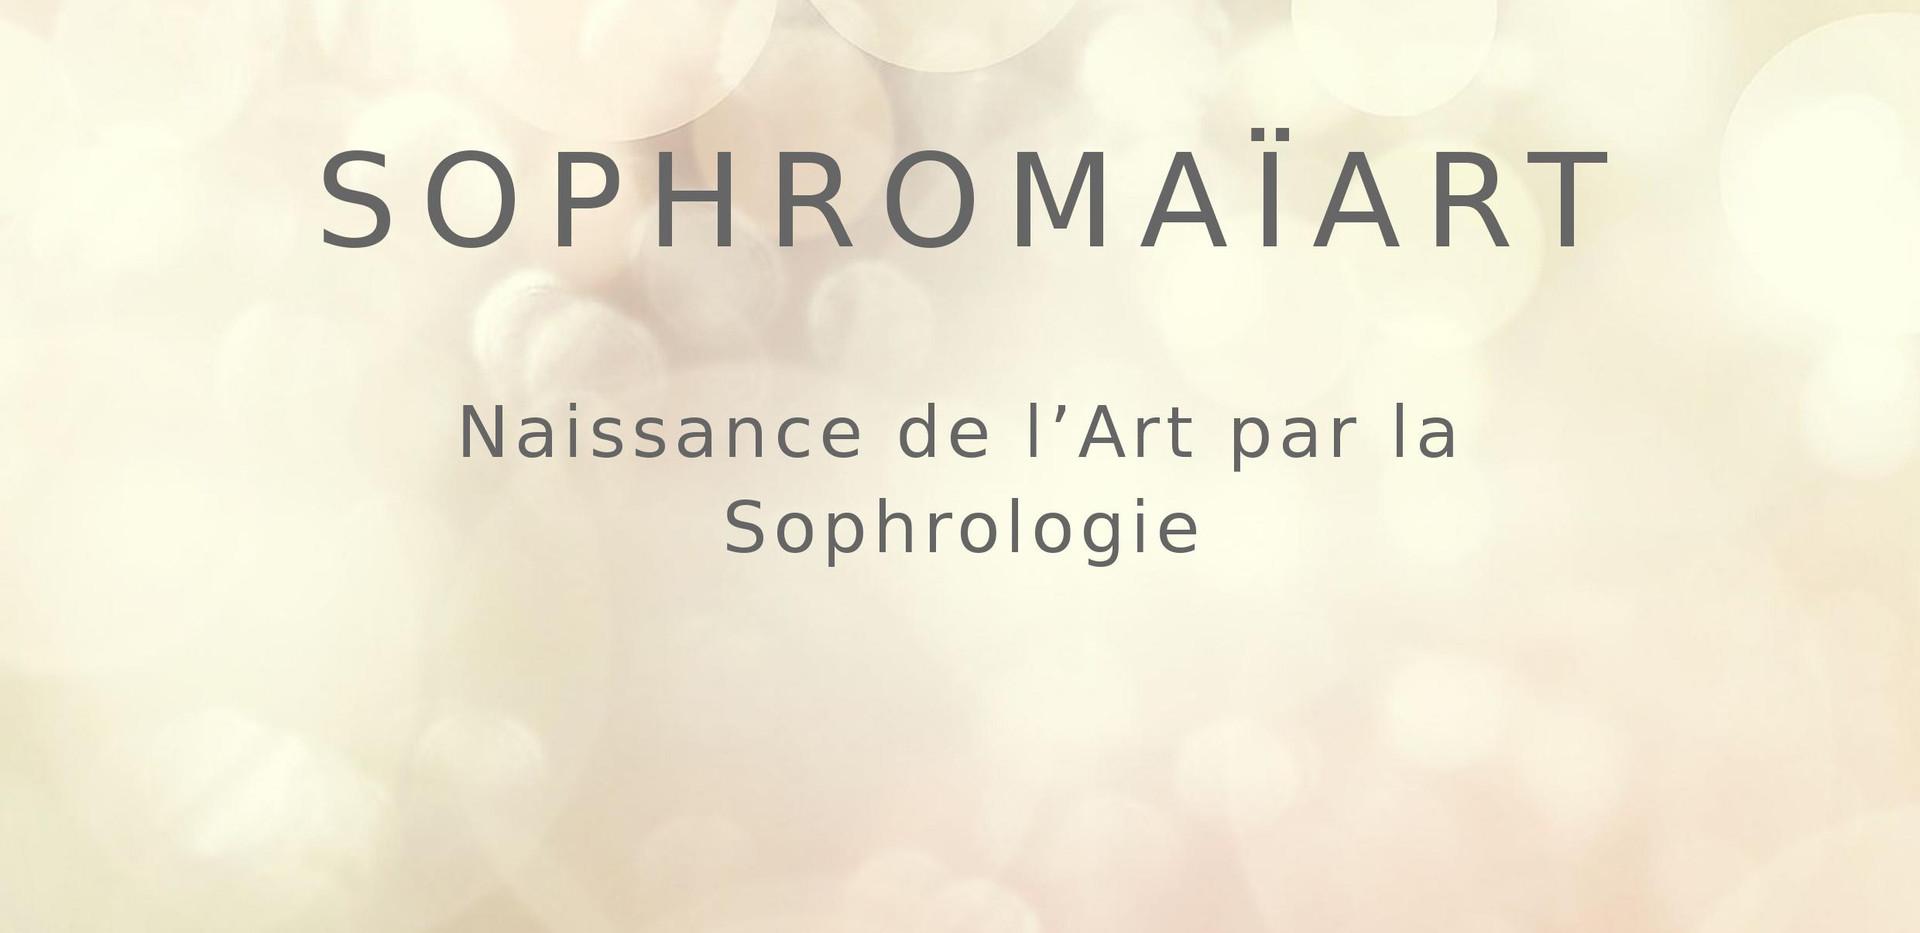 Sophromaïart - Naissance de l'Art par la Sophrologie